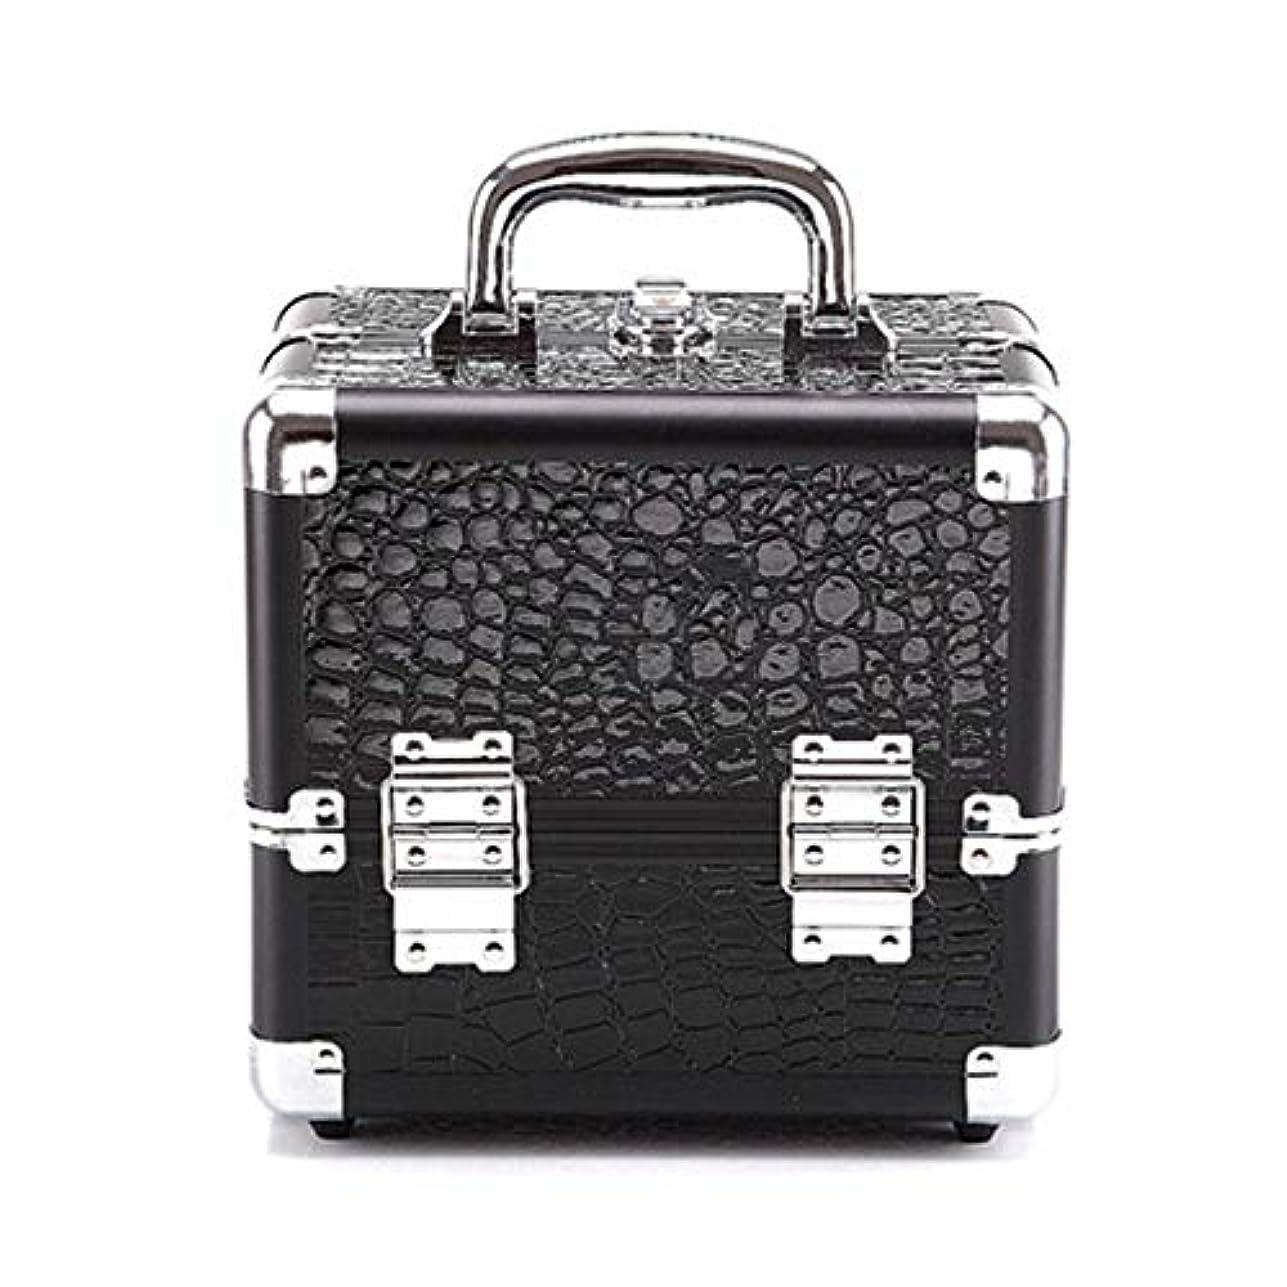 特大スペース収納ビューティーボックス 多機能ポータブル旅行化粧ケース化粧品袋トイレタリーバッグ用十代の女の子女性アーティスト 化粧品化粧台 (色 : Black(S))